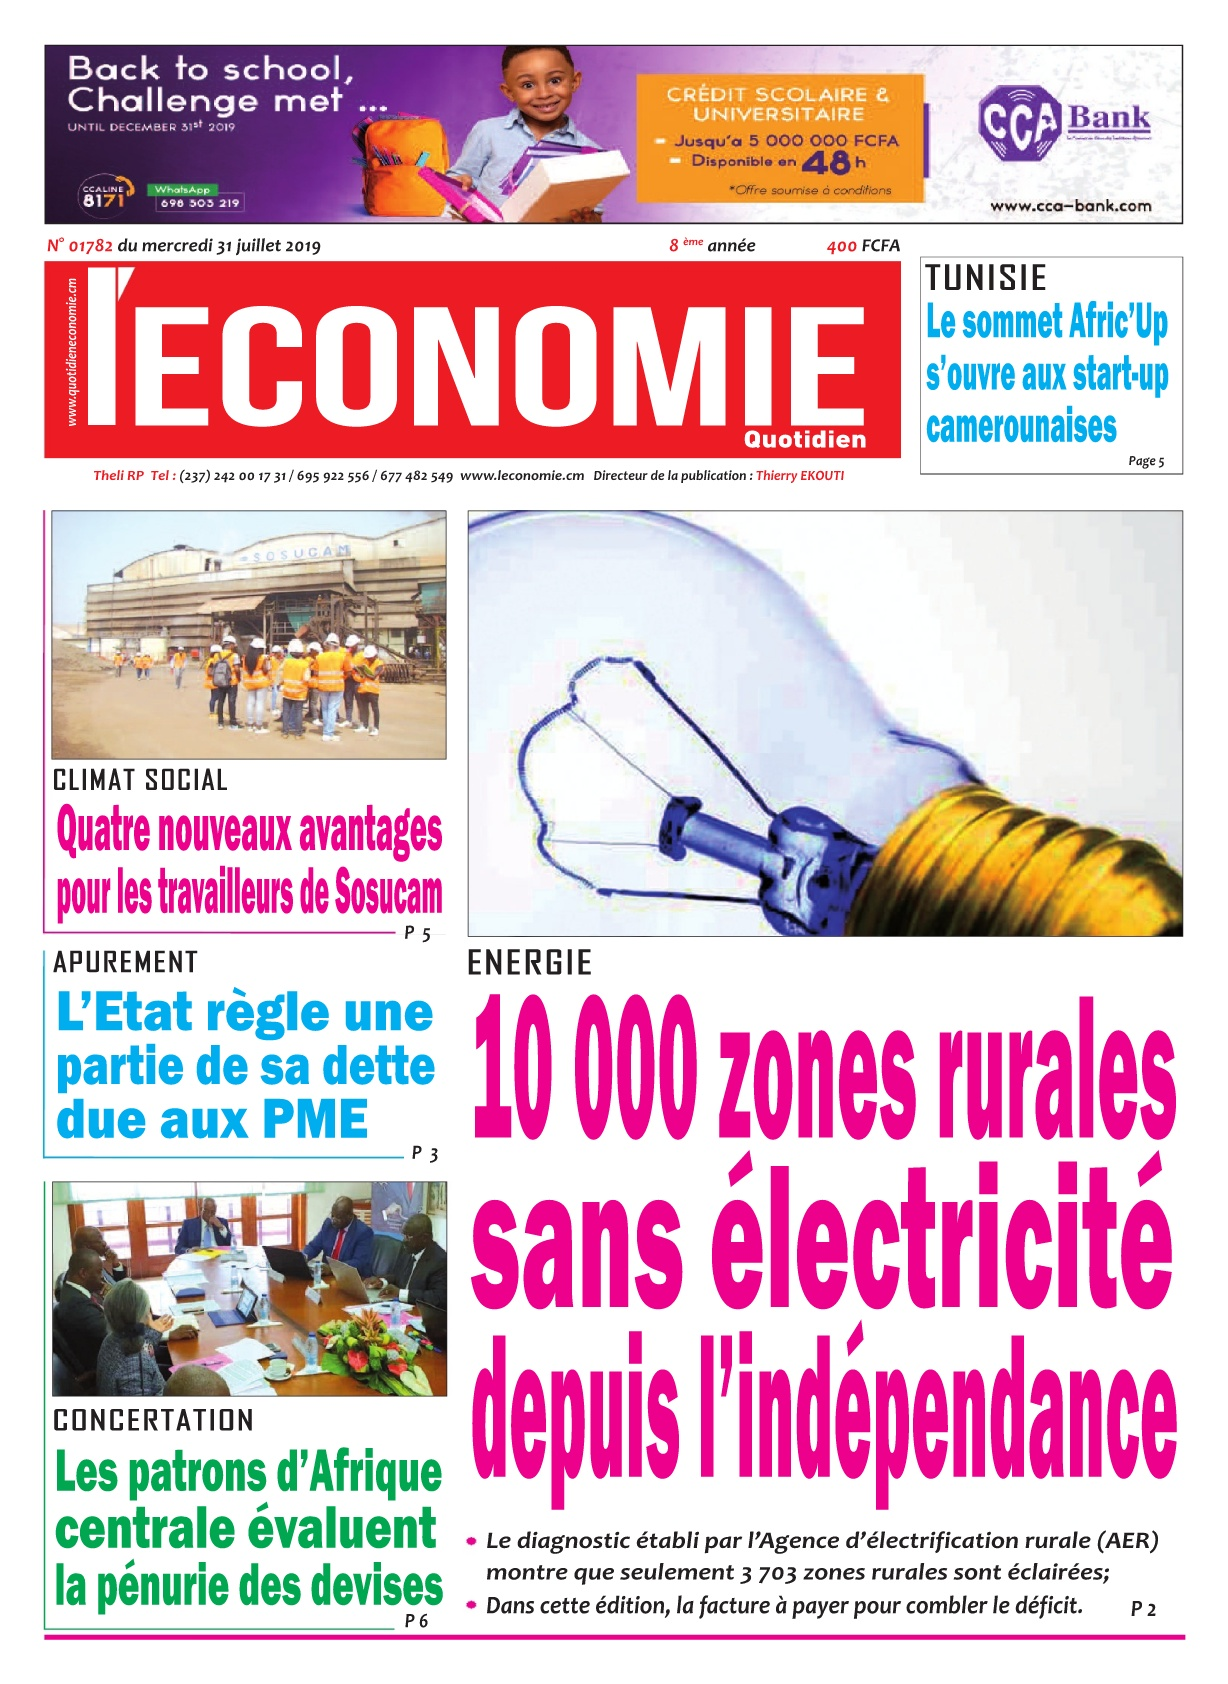 Le Quotidien de l'Economie - 31/07/2019